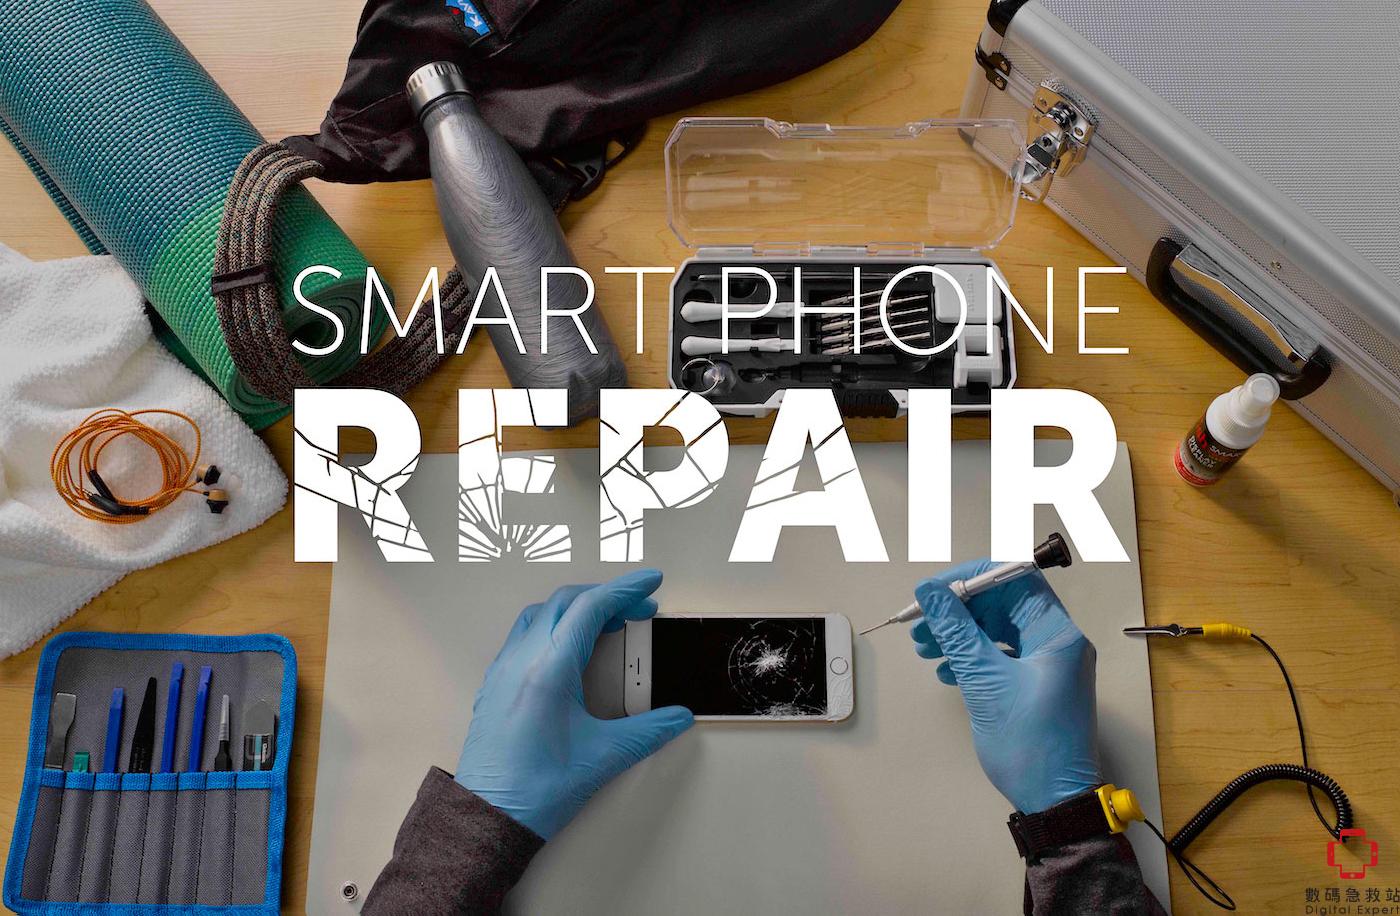 smartphone repair with logo